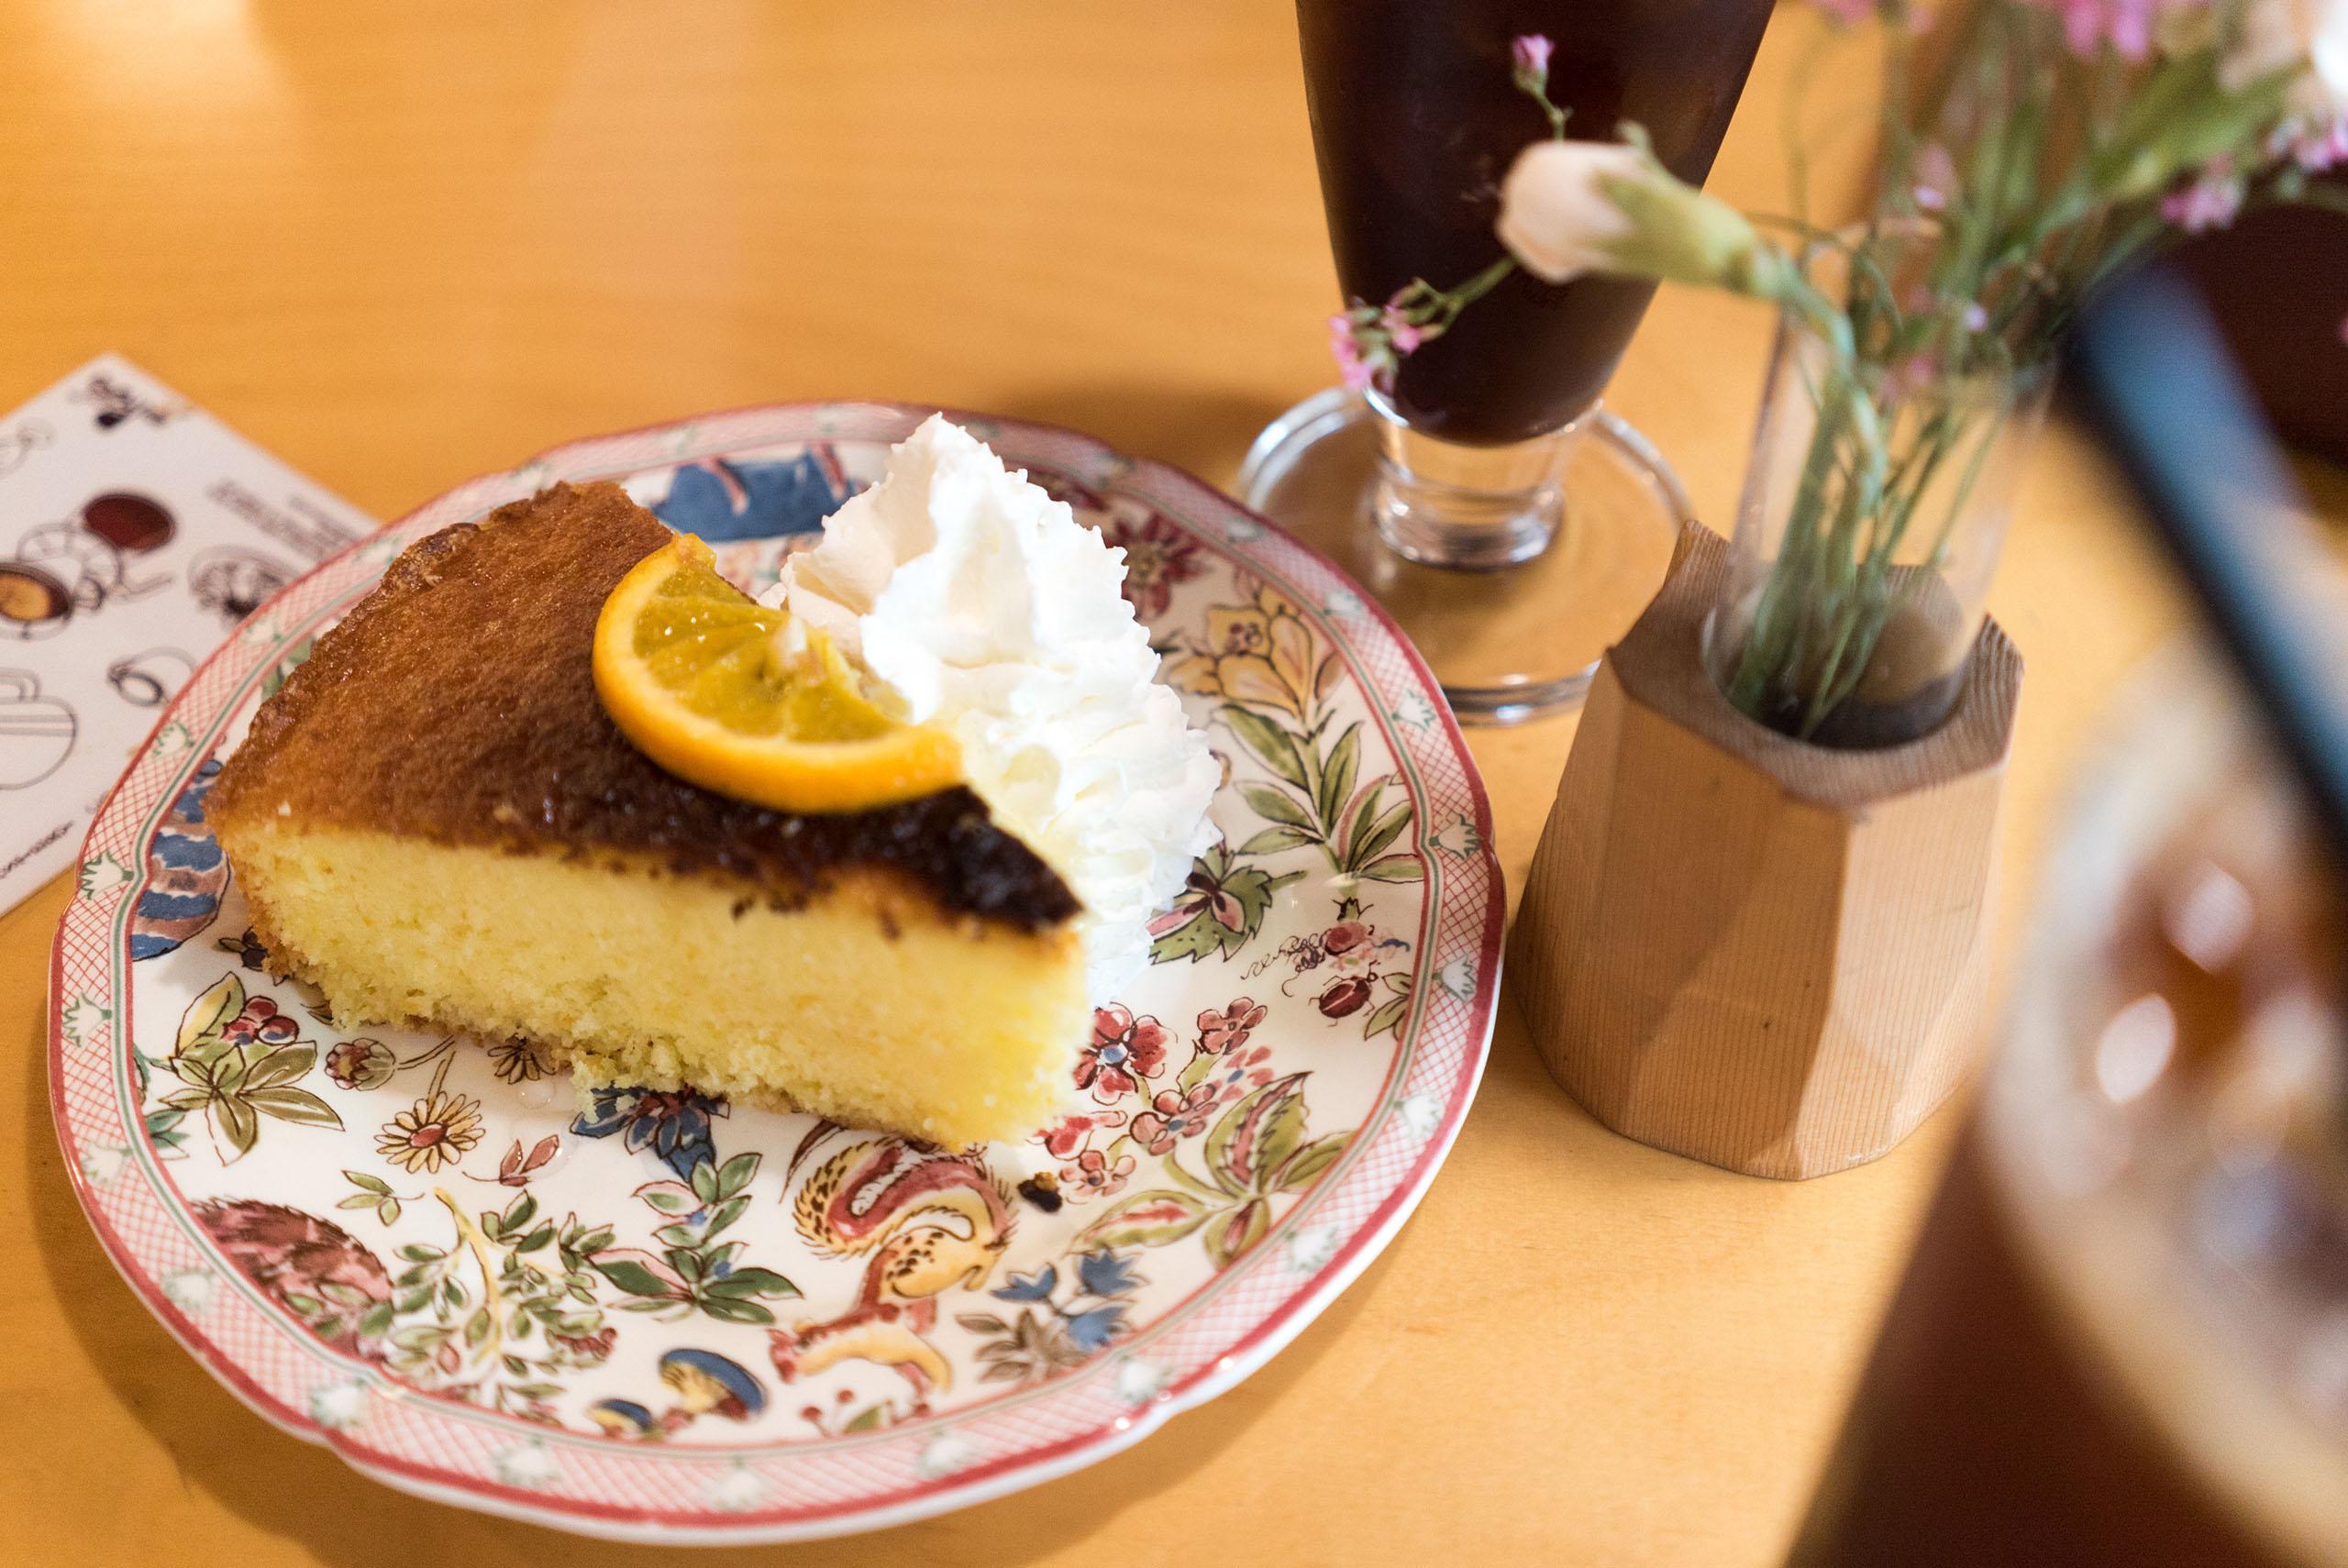 오렌지 케이크